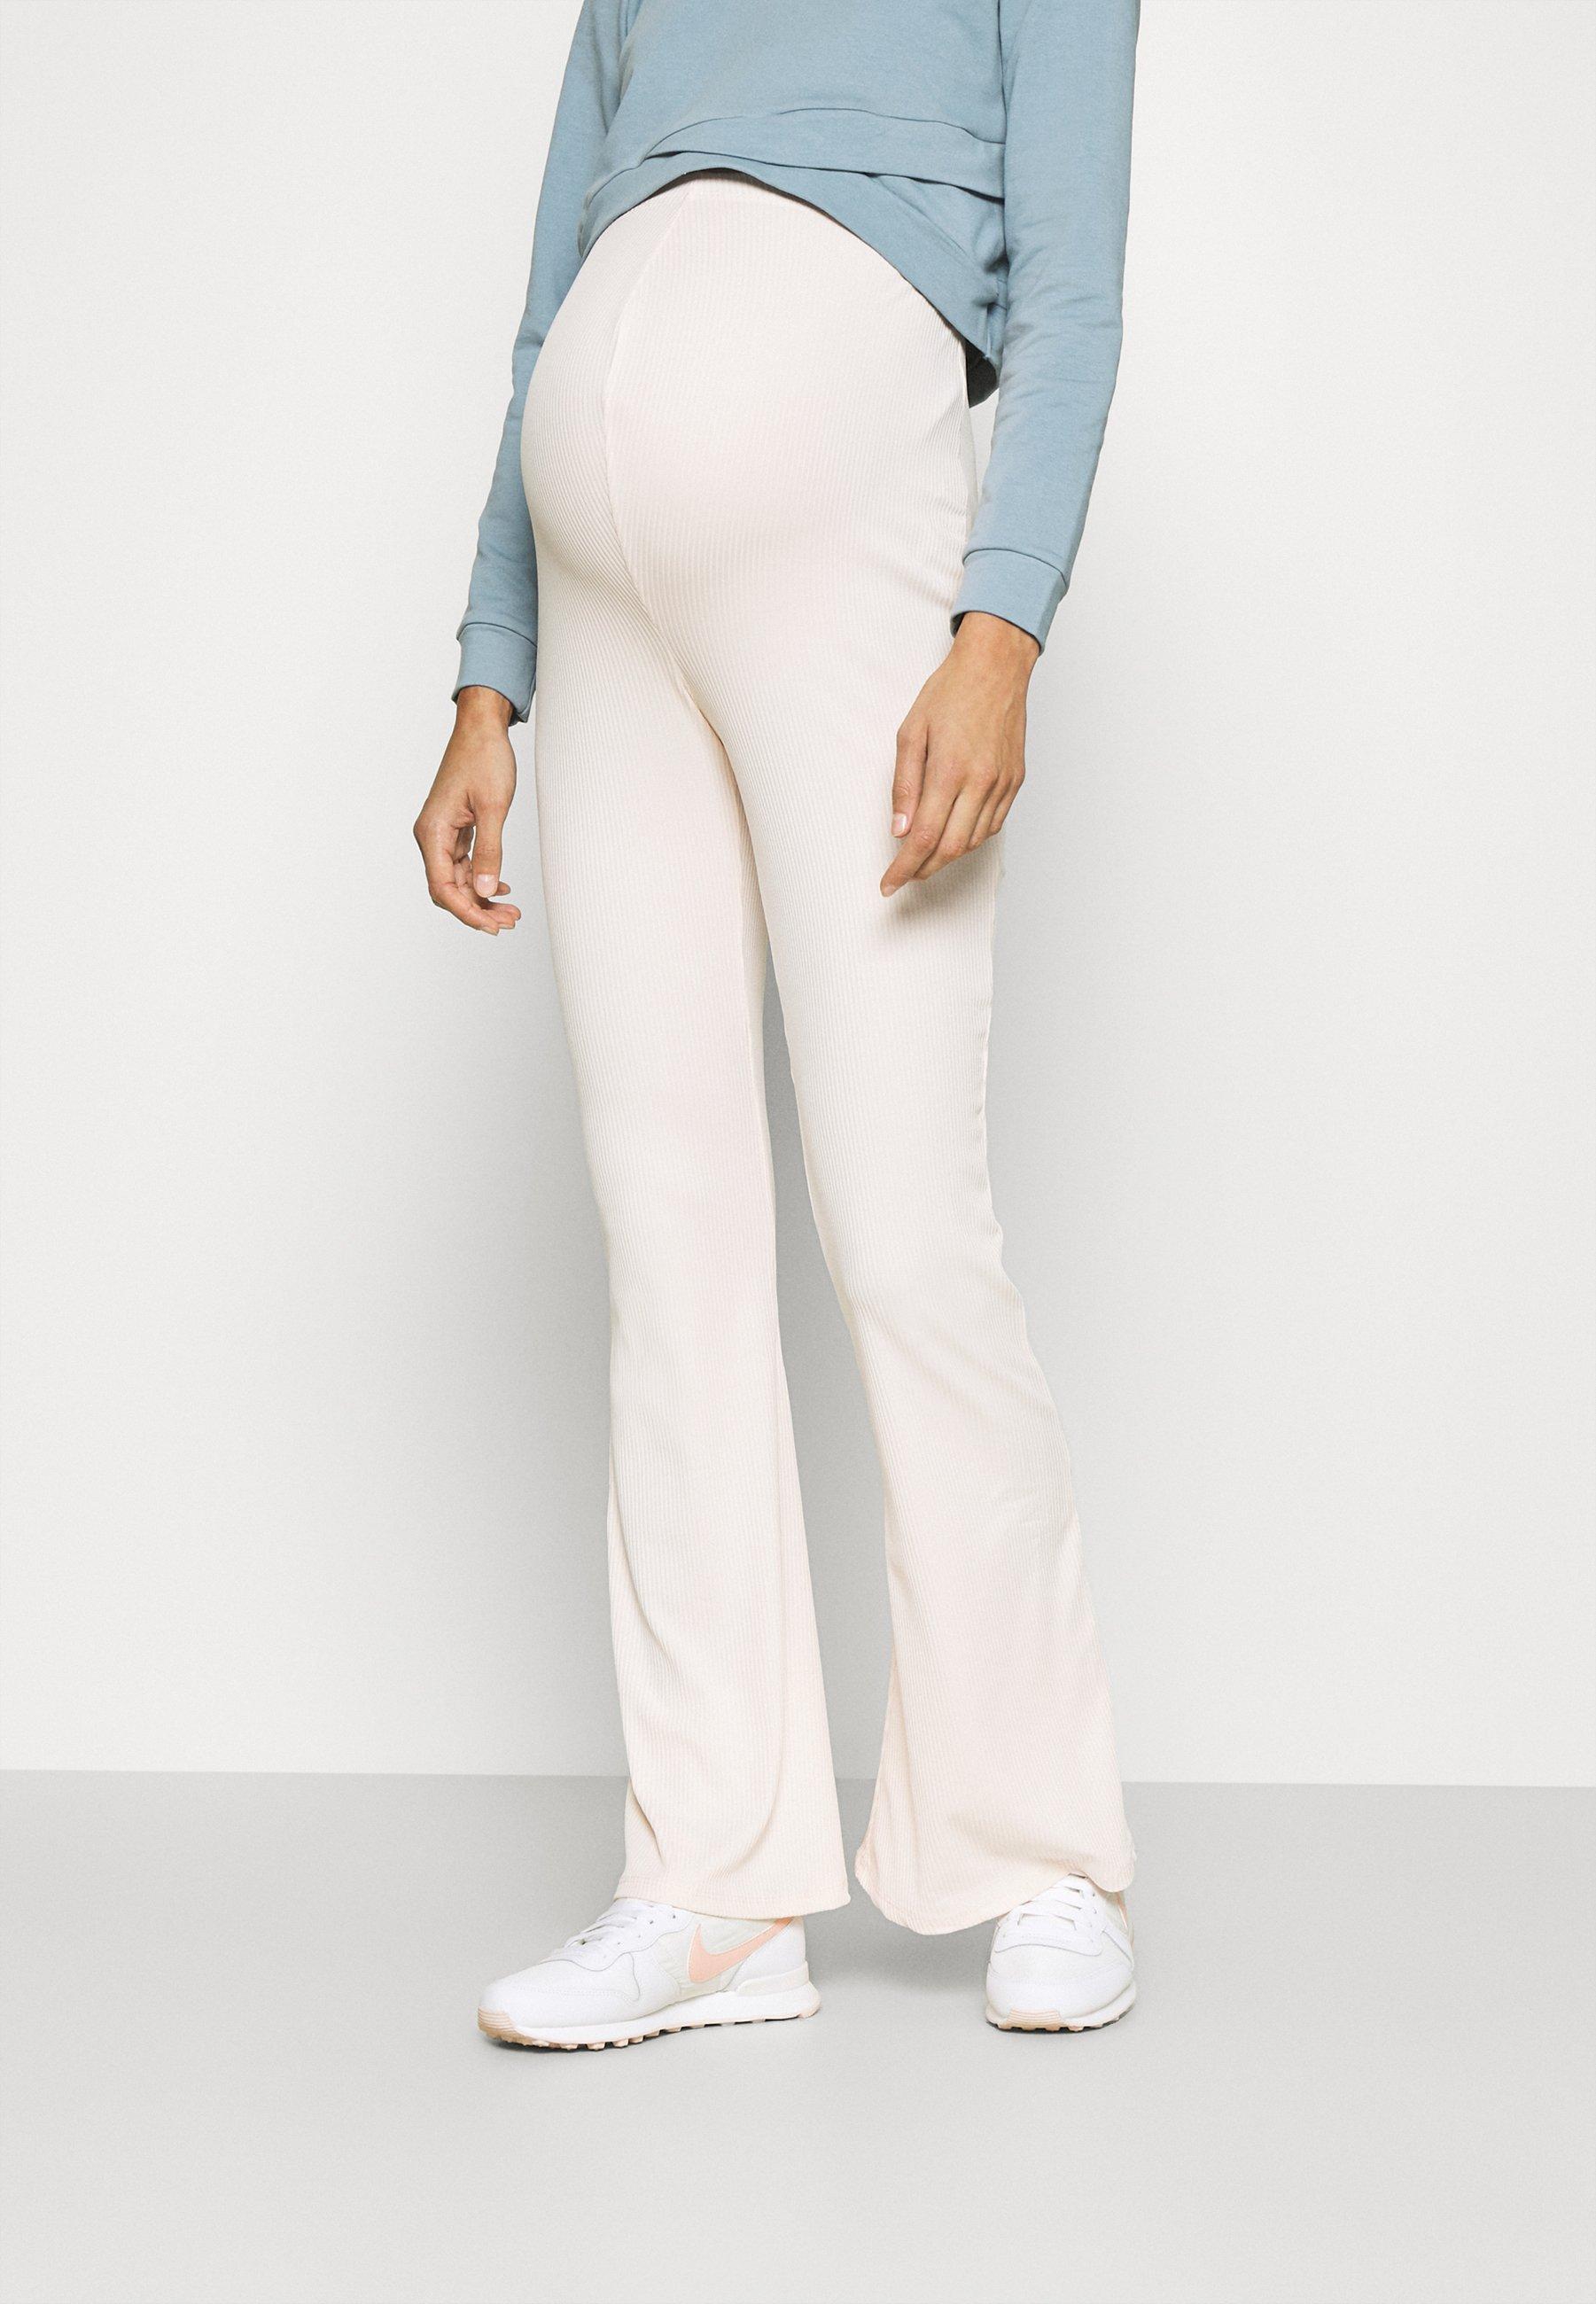 Damen MATERNITY FLARE - Leggings - Hosen